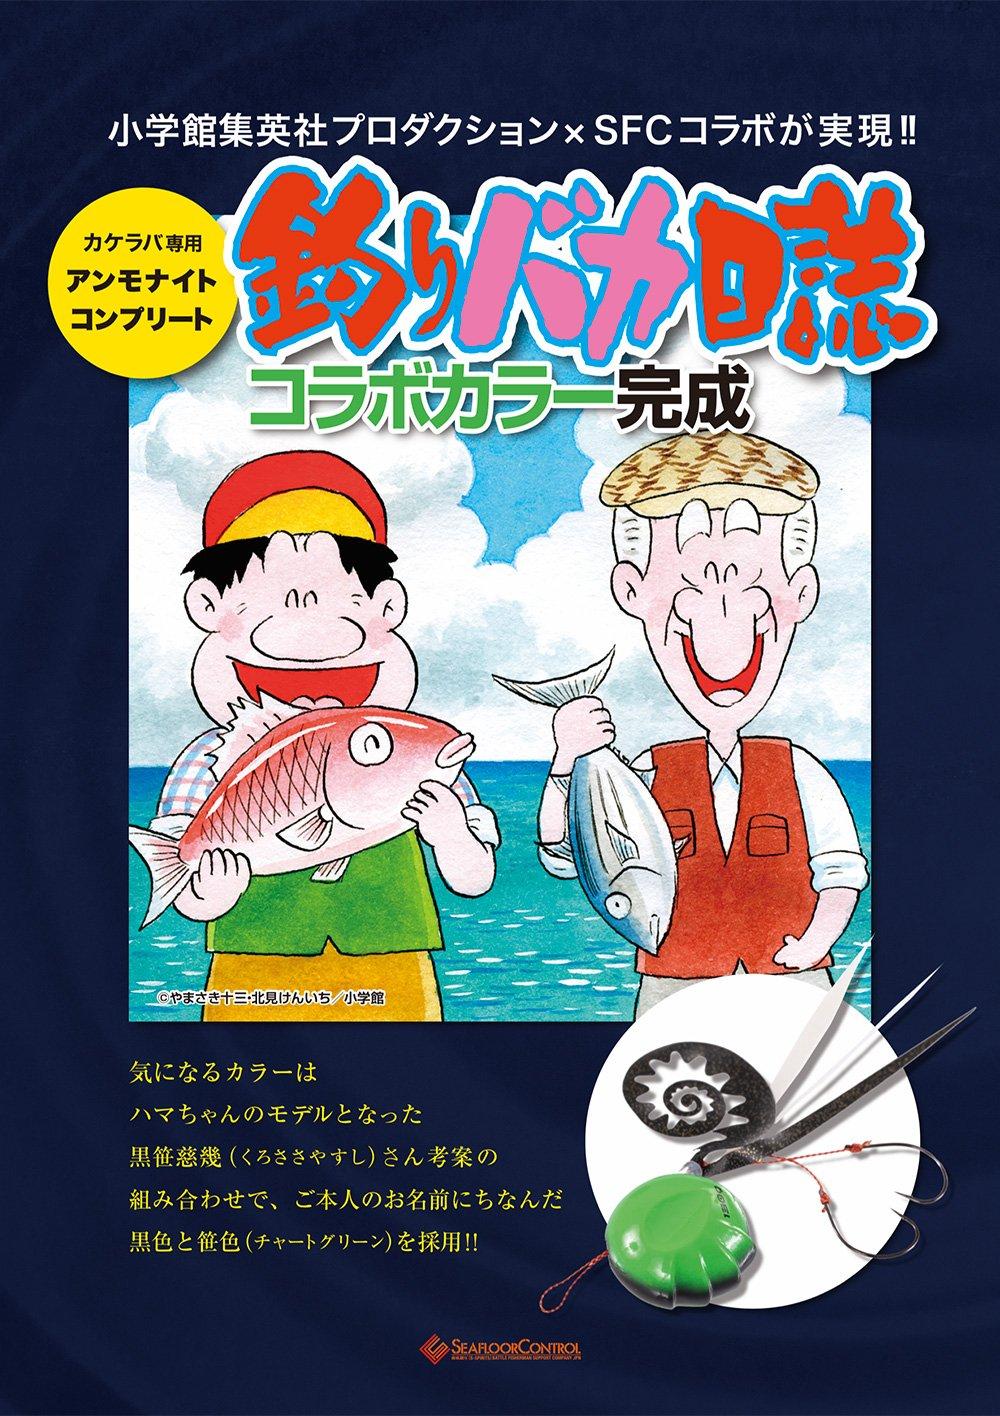 釣りバカ日誌コラボアンモナイト